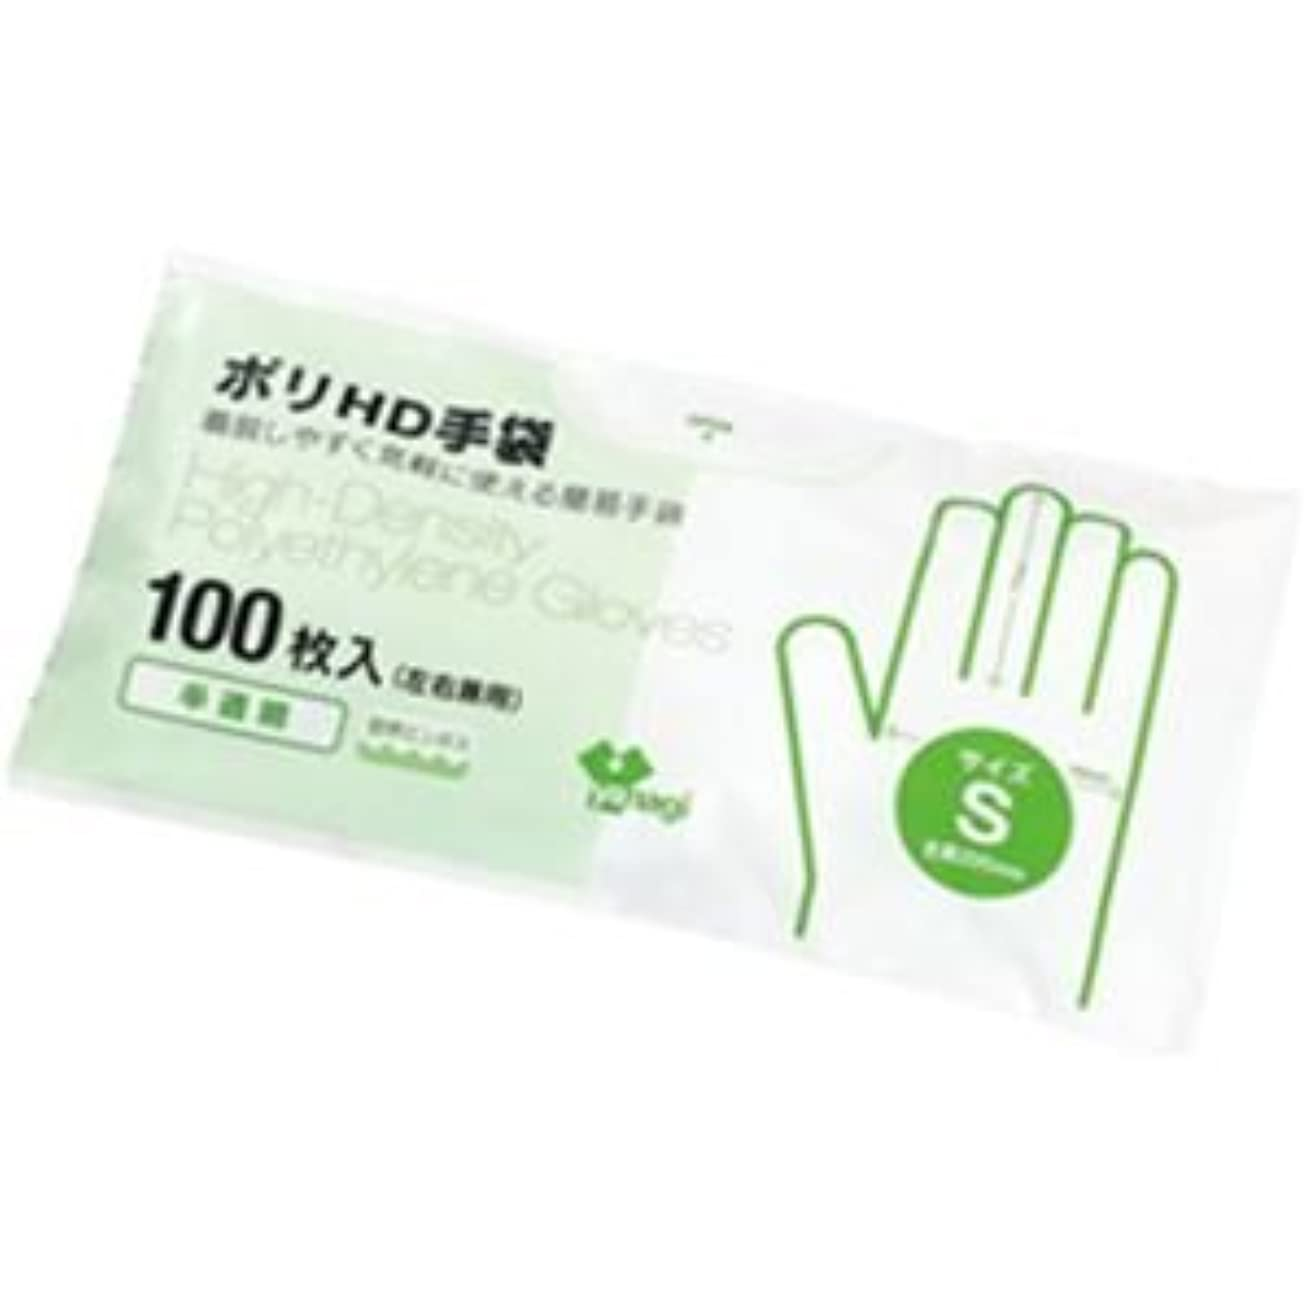 密度マラウイファンド(業務用セット) やなぎプロダクツ 高密度ポリエチレン手袋 S 半透明 1箱(100枚) 【×30セット】 dS-1638275